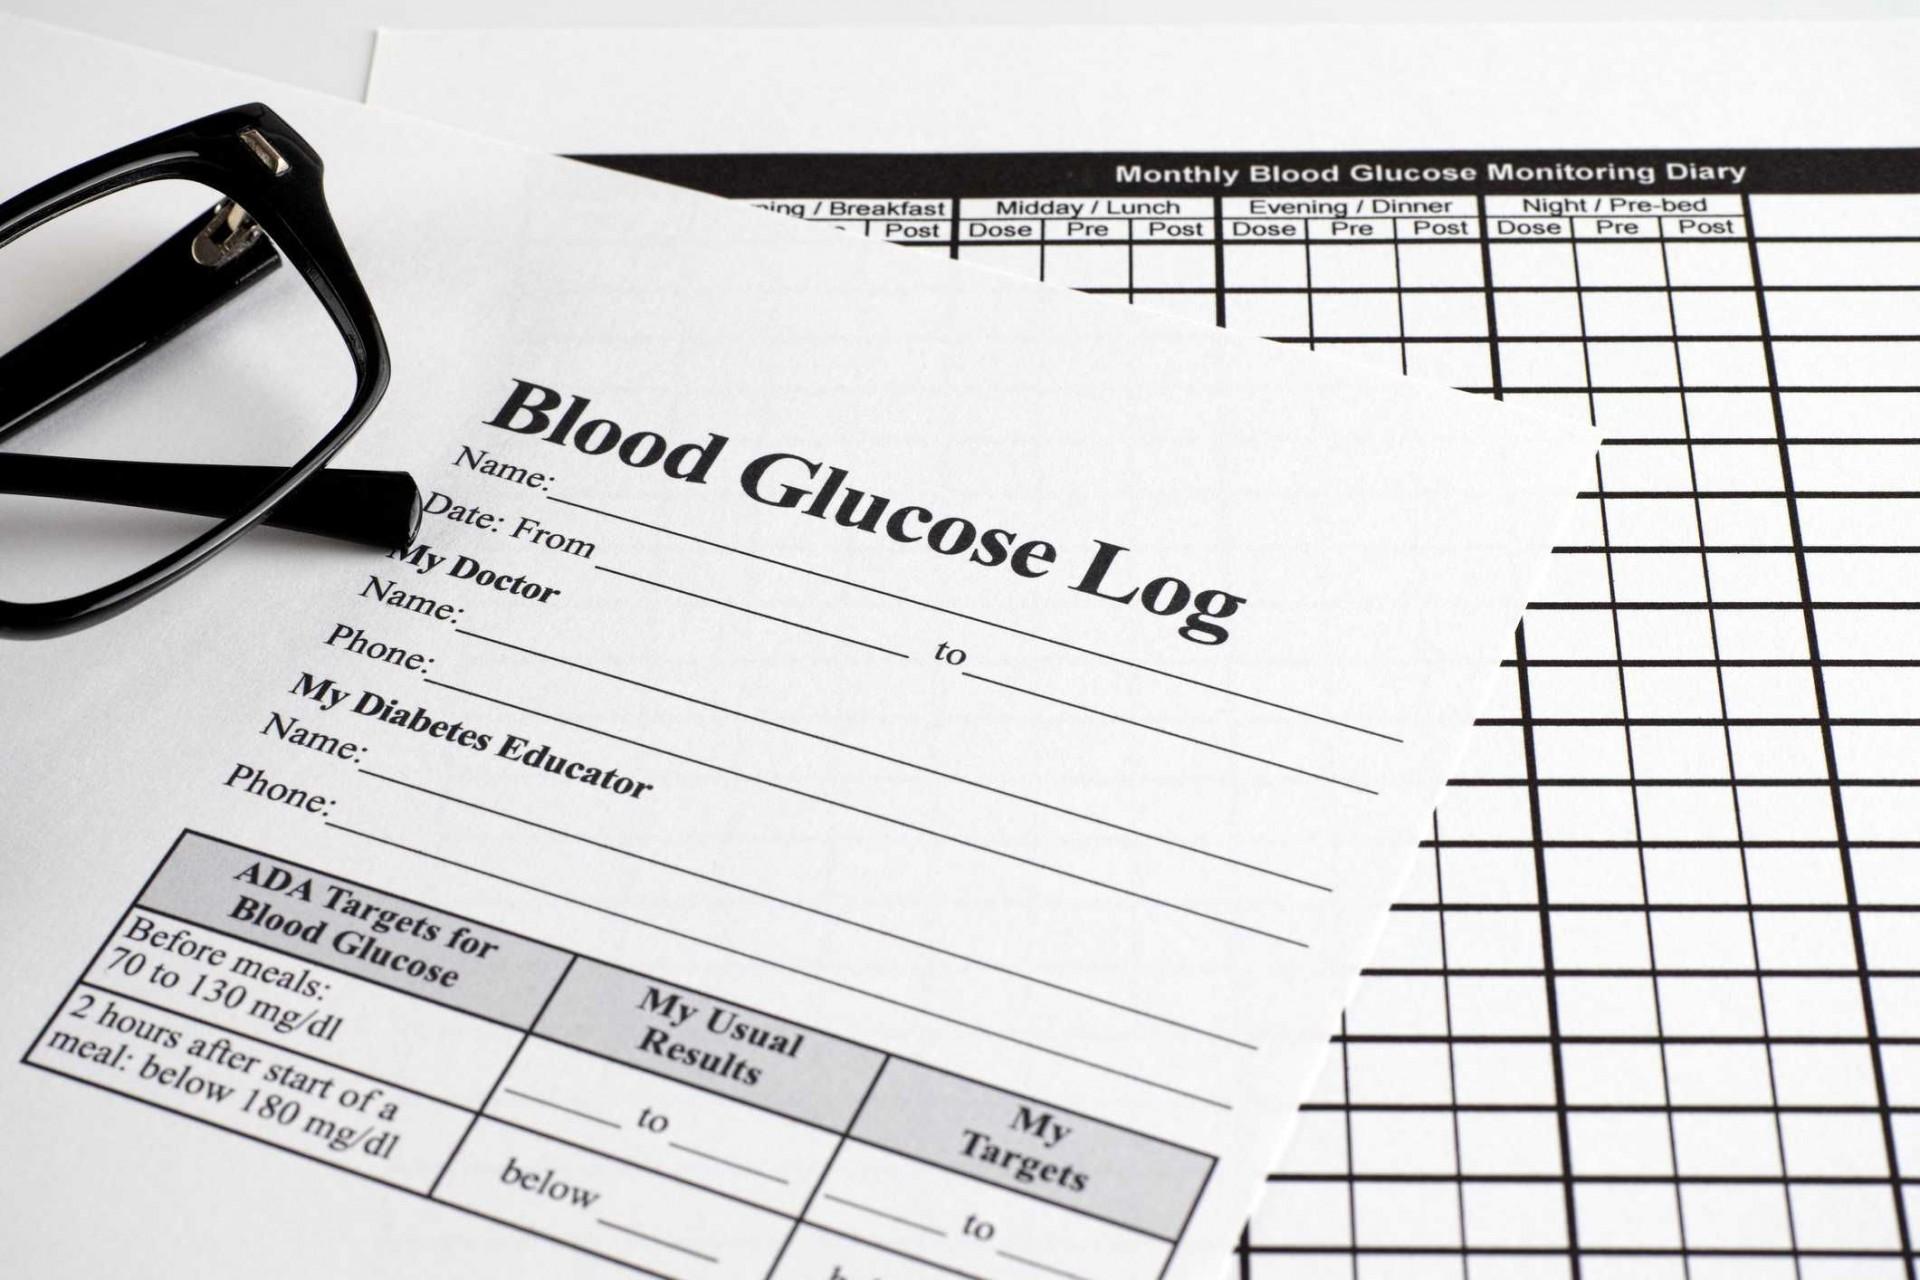 009 Rare Blood Glucose Diary Template Idea 1920